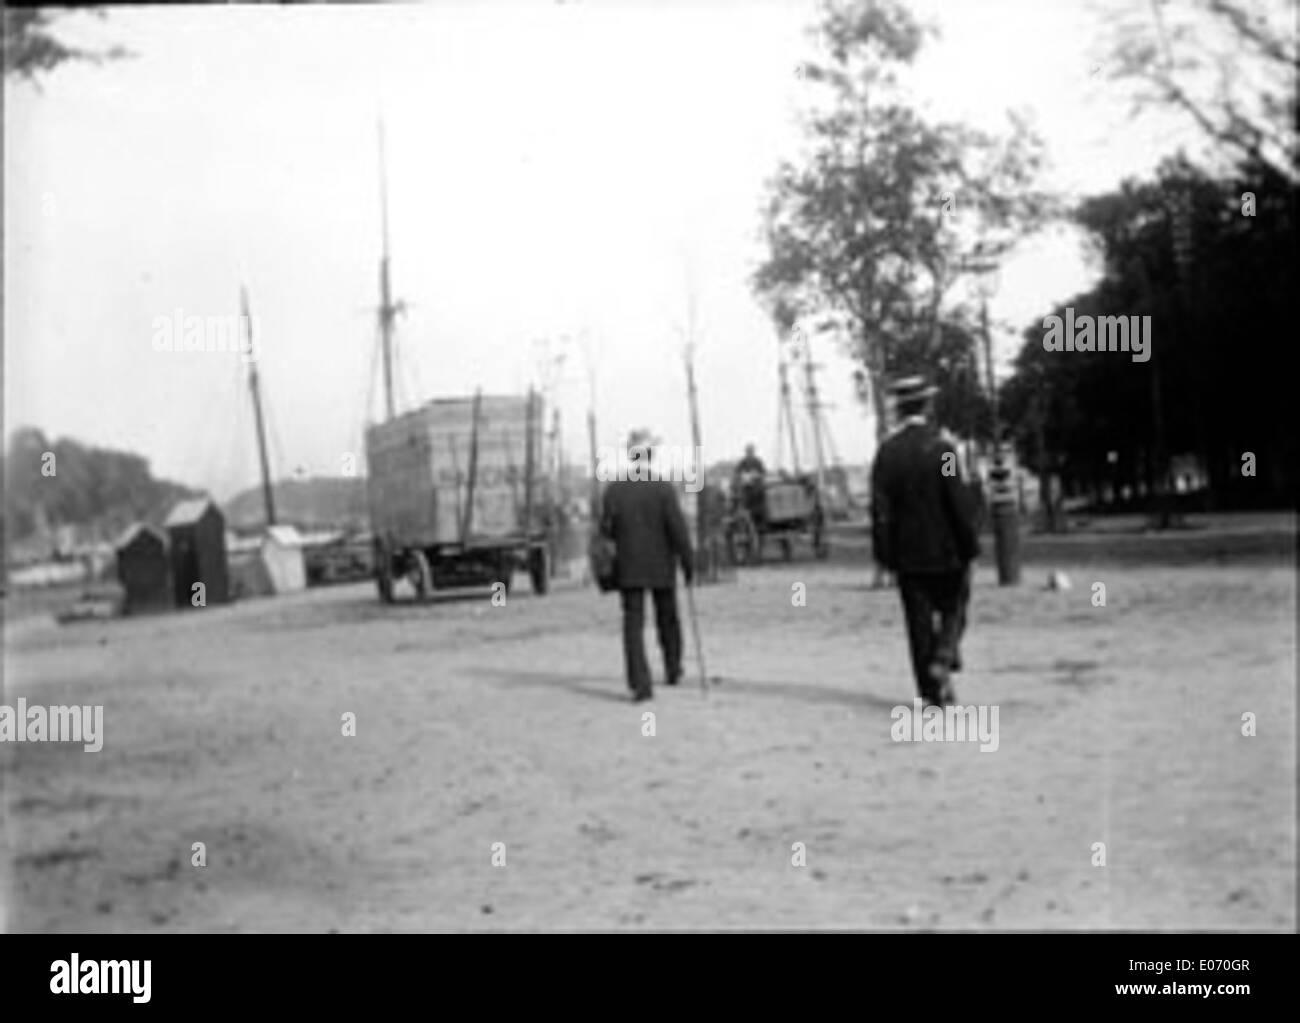 Allée De Niert Bayonne bayonne france black and white stock photos & images - alamy